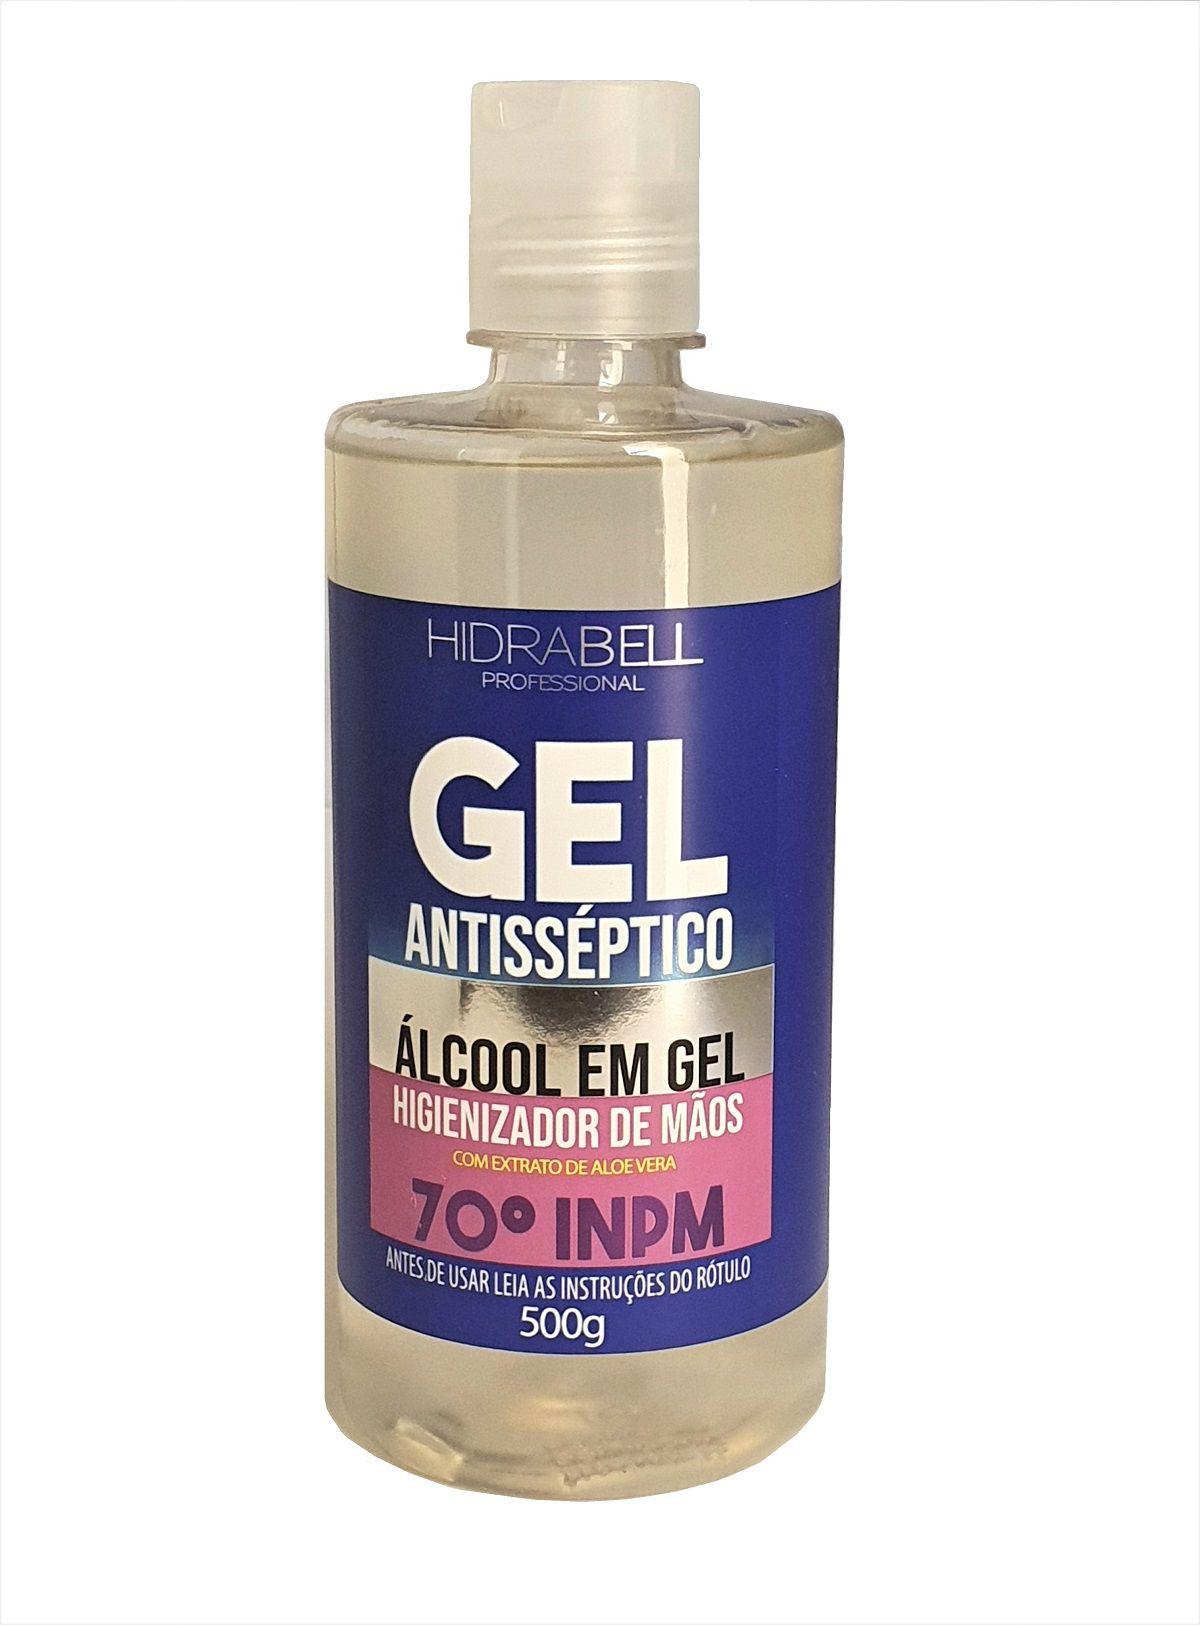 Álcool Gel 70% Antisséptico Higienizador de Mãos com aloe vera 500g Hidrabell - Kit 3 unid.  - Mix Eletro